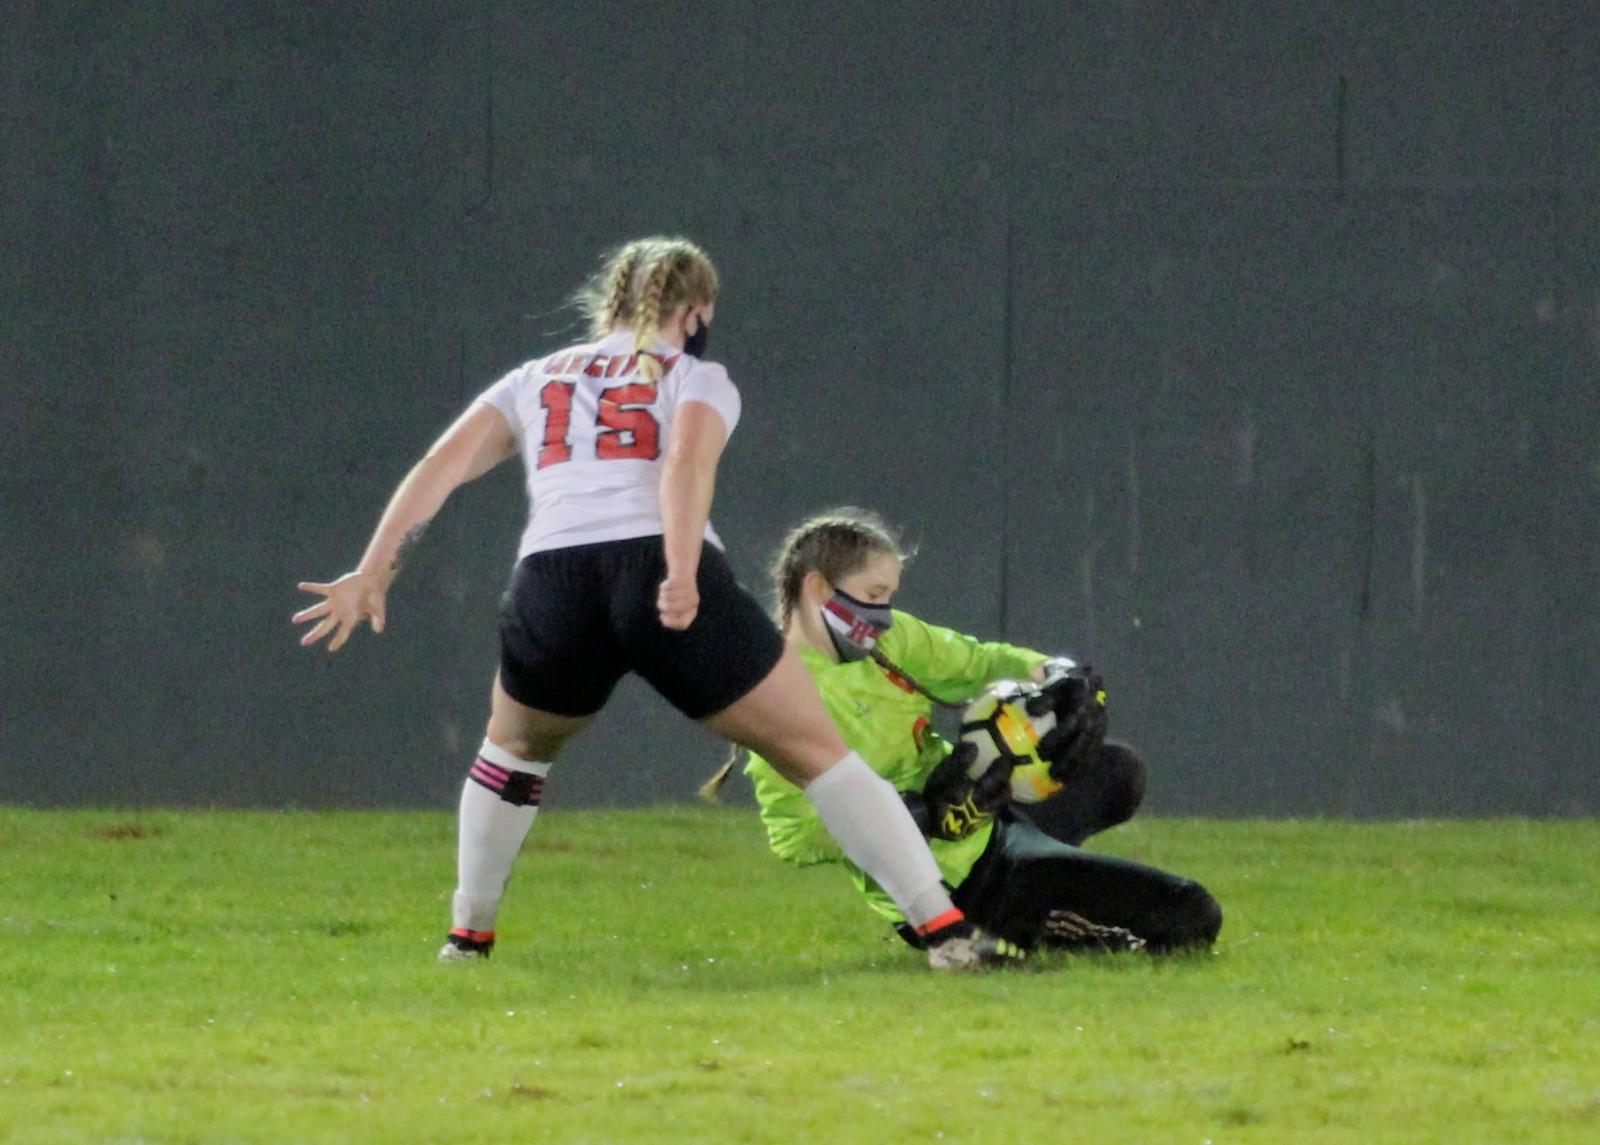 Hoquiam v. Tenino Varsity Girls Soccer 2/23/21 (1-6 Loss) – Photos by Ben Winkelman